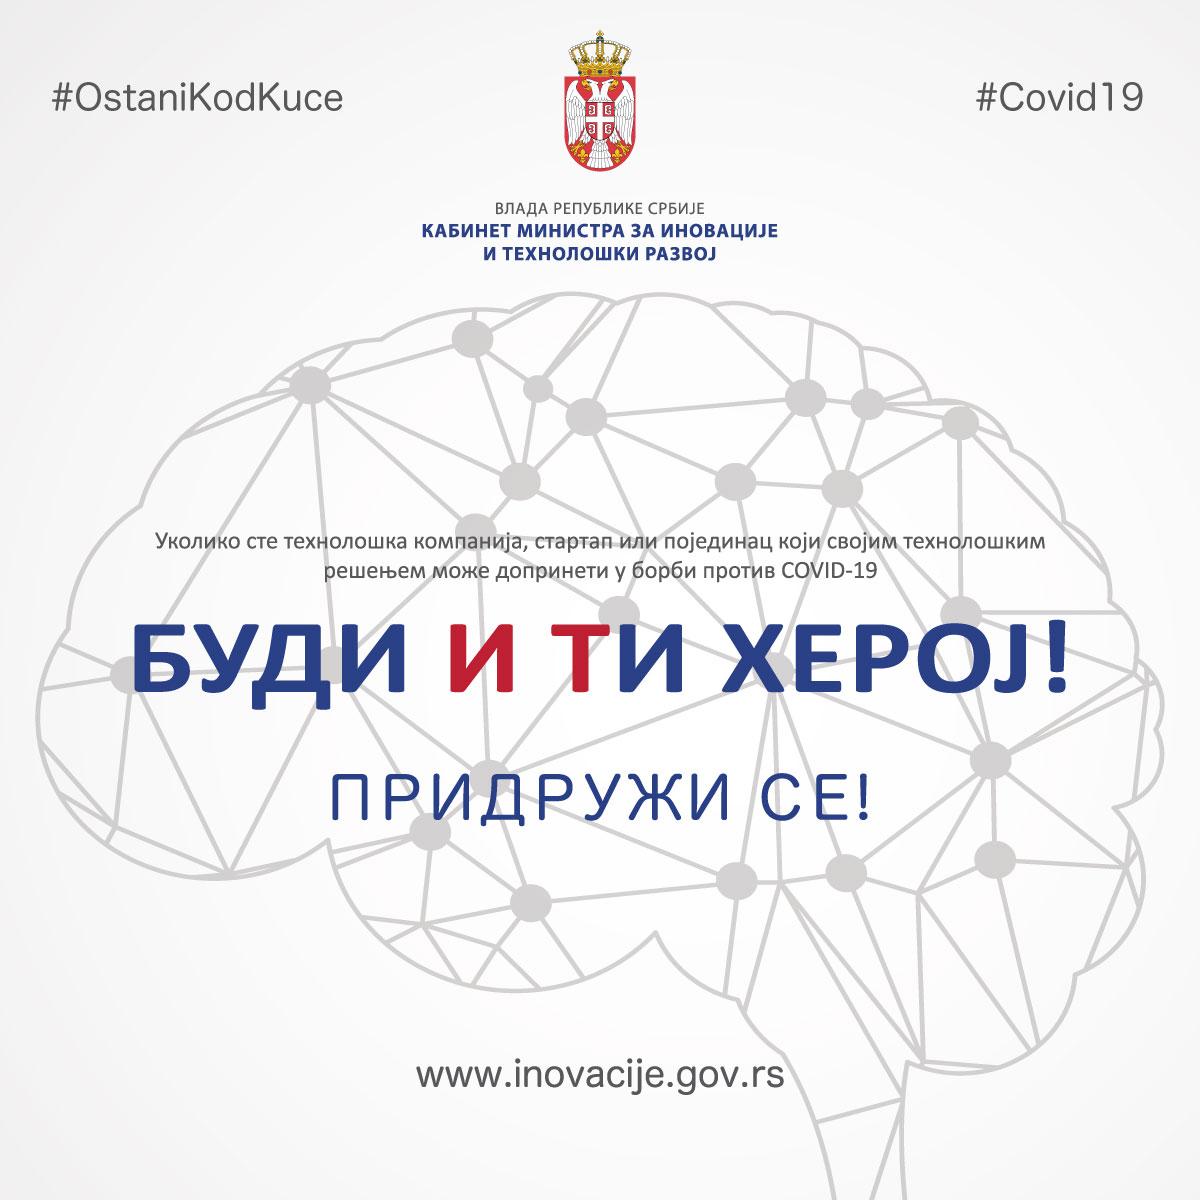 Ministarstvo Inovacija